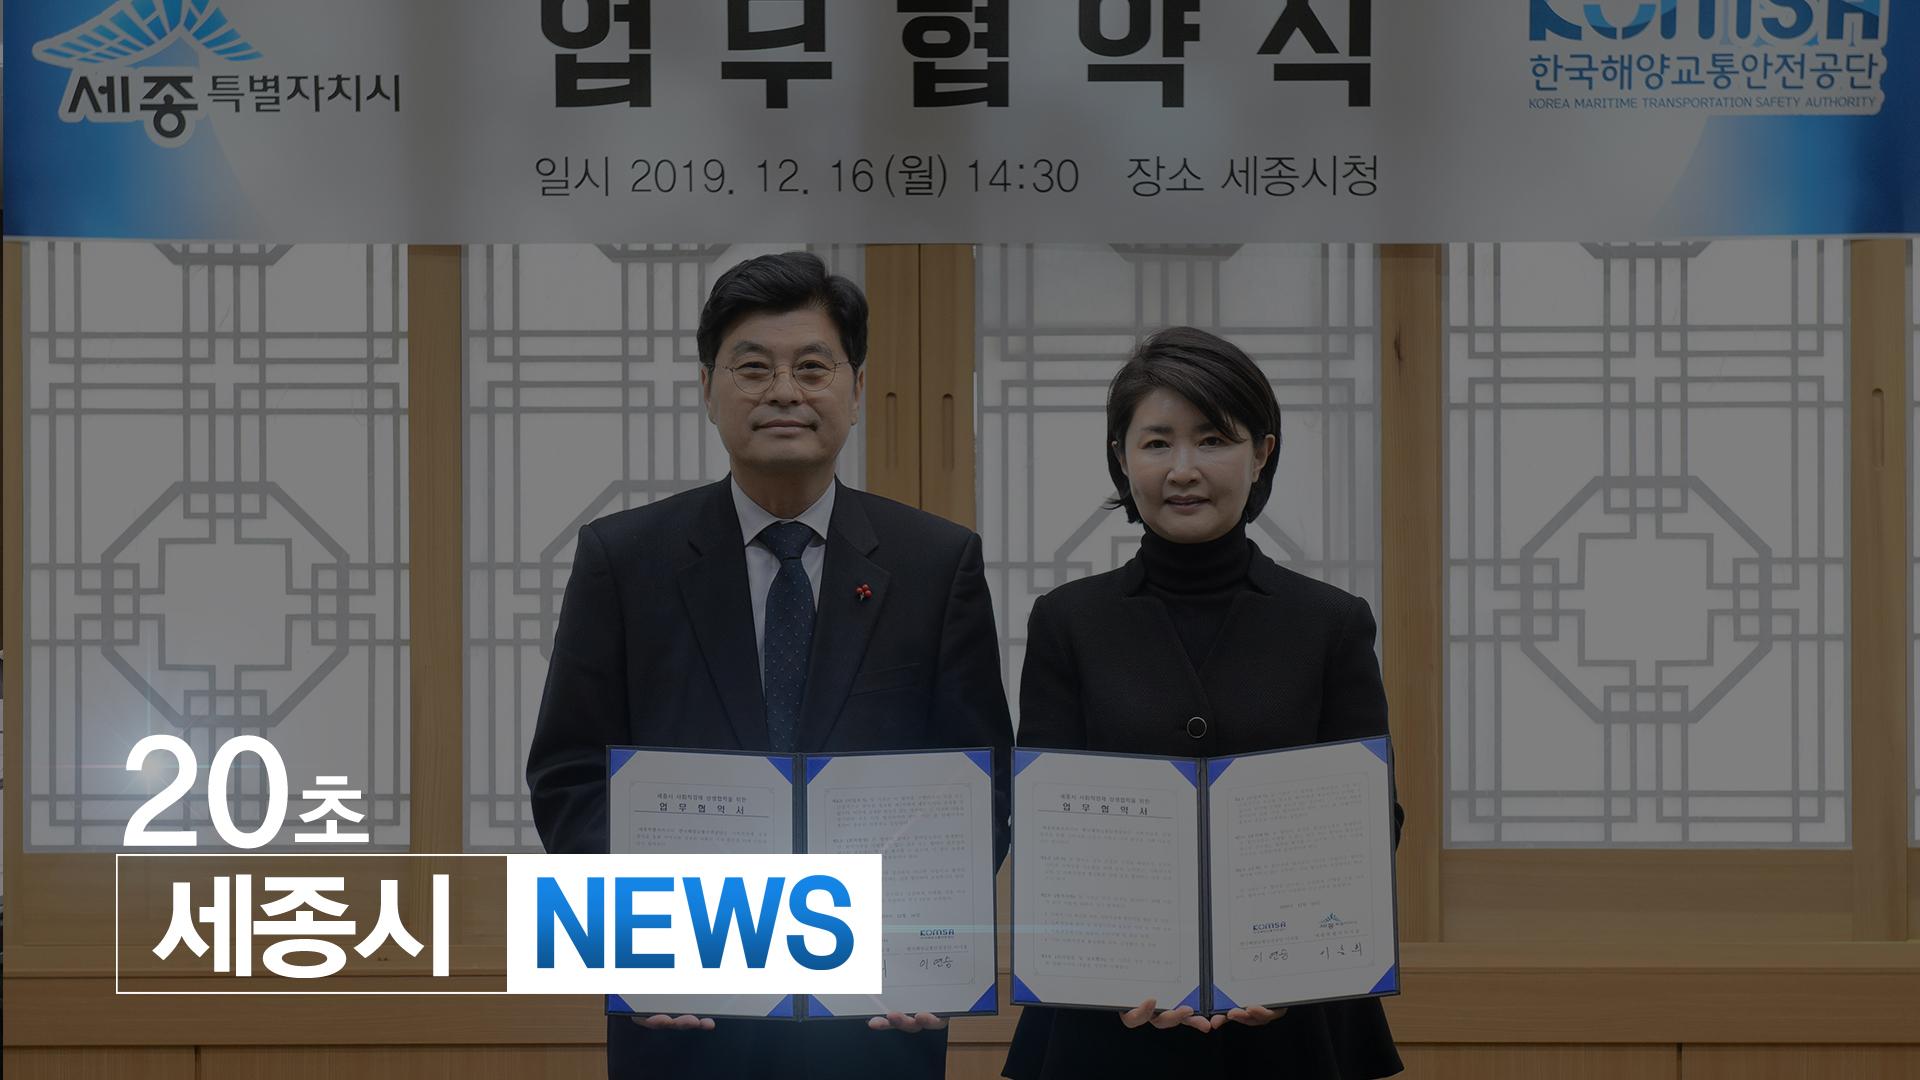 <20초뉴스> 세종시-한국해양교통안전공단 사회적경제 협약